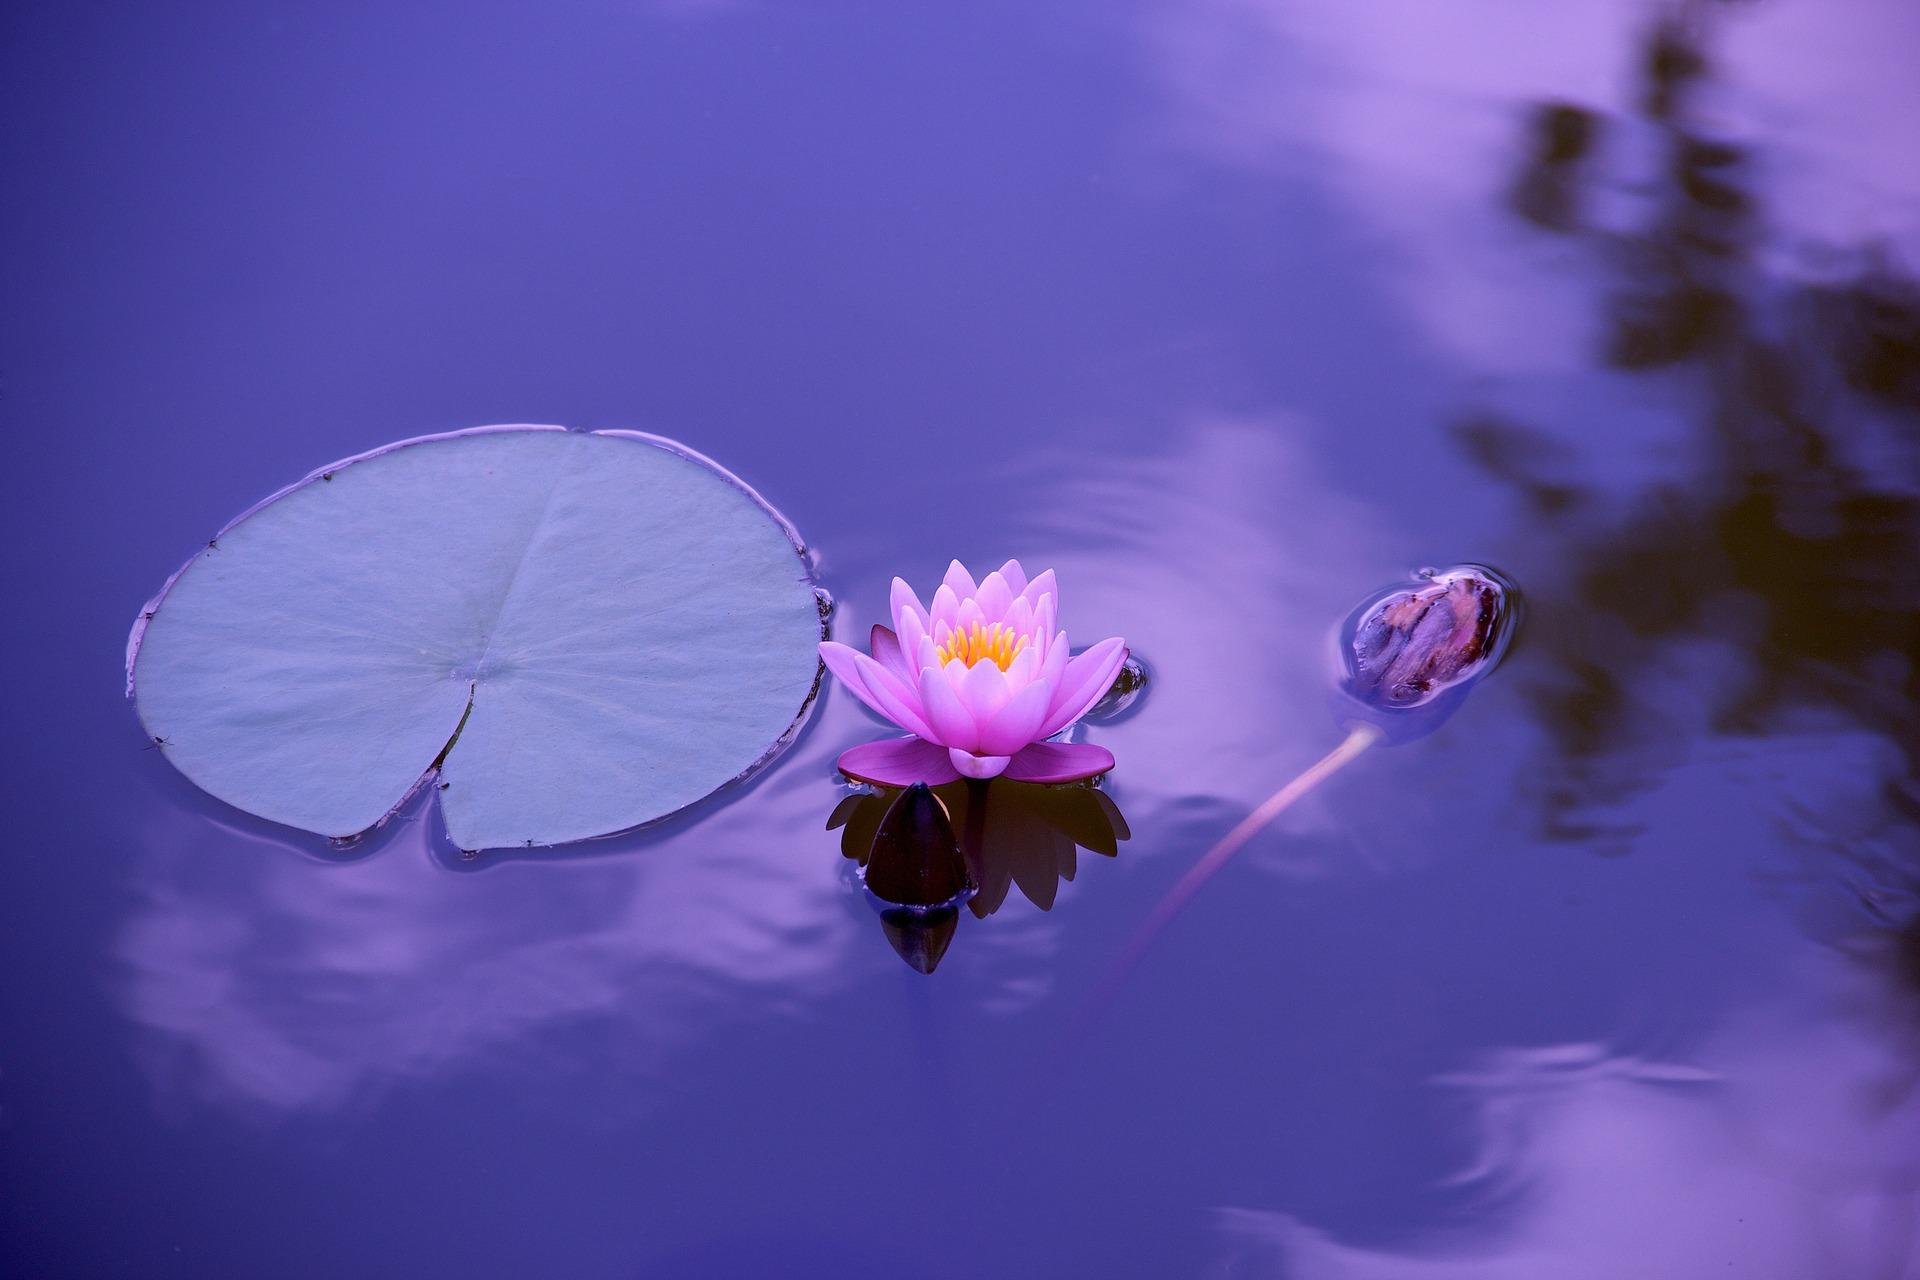 lotus-1205631_1920 (1)